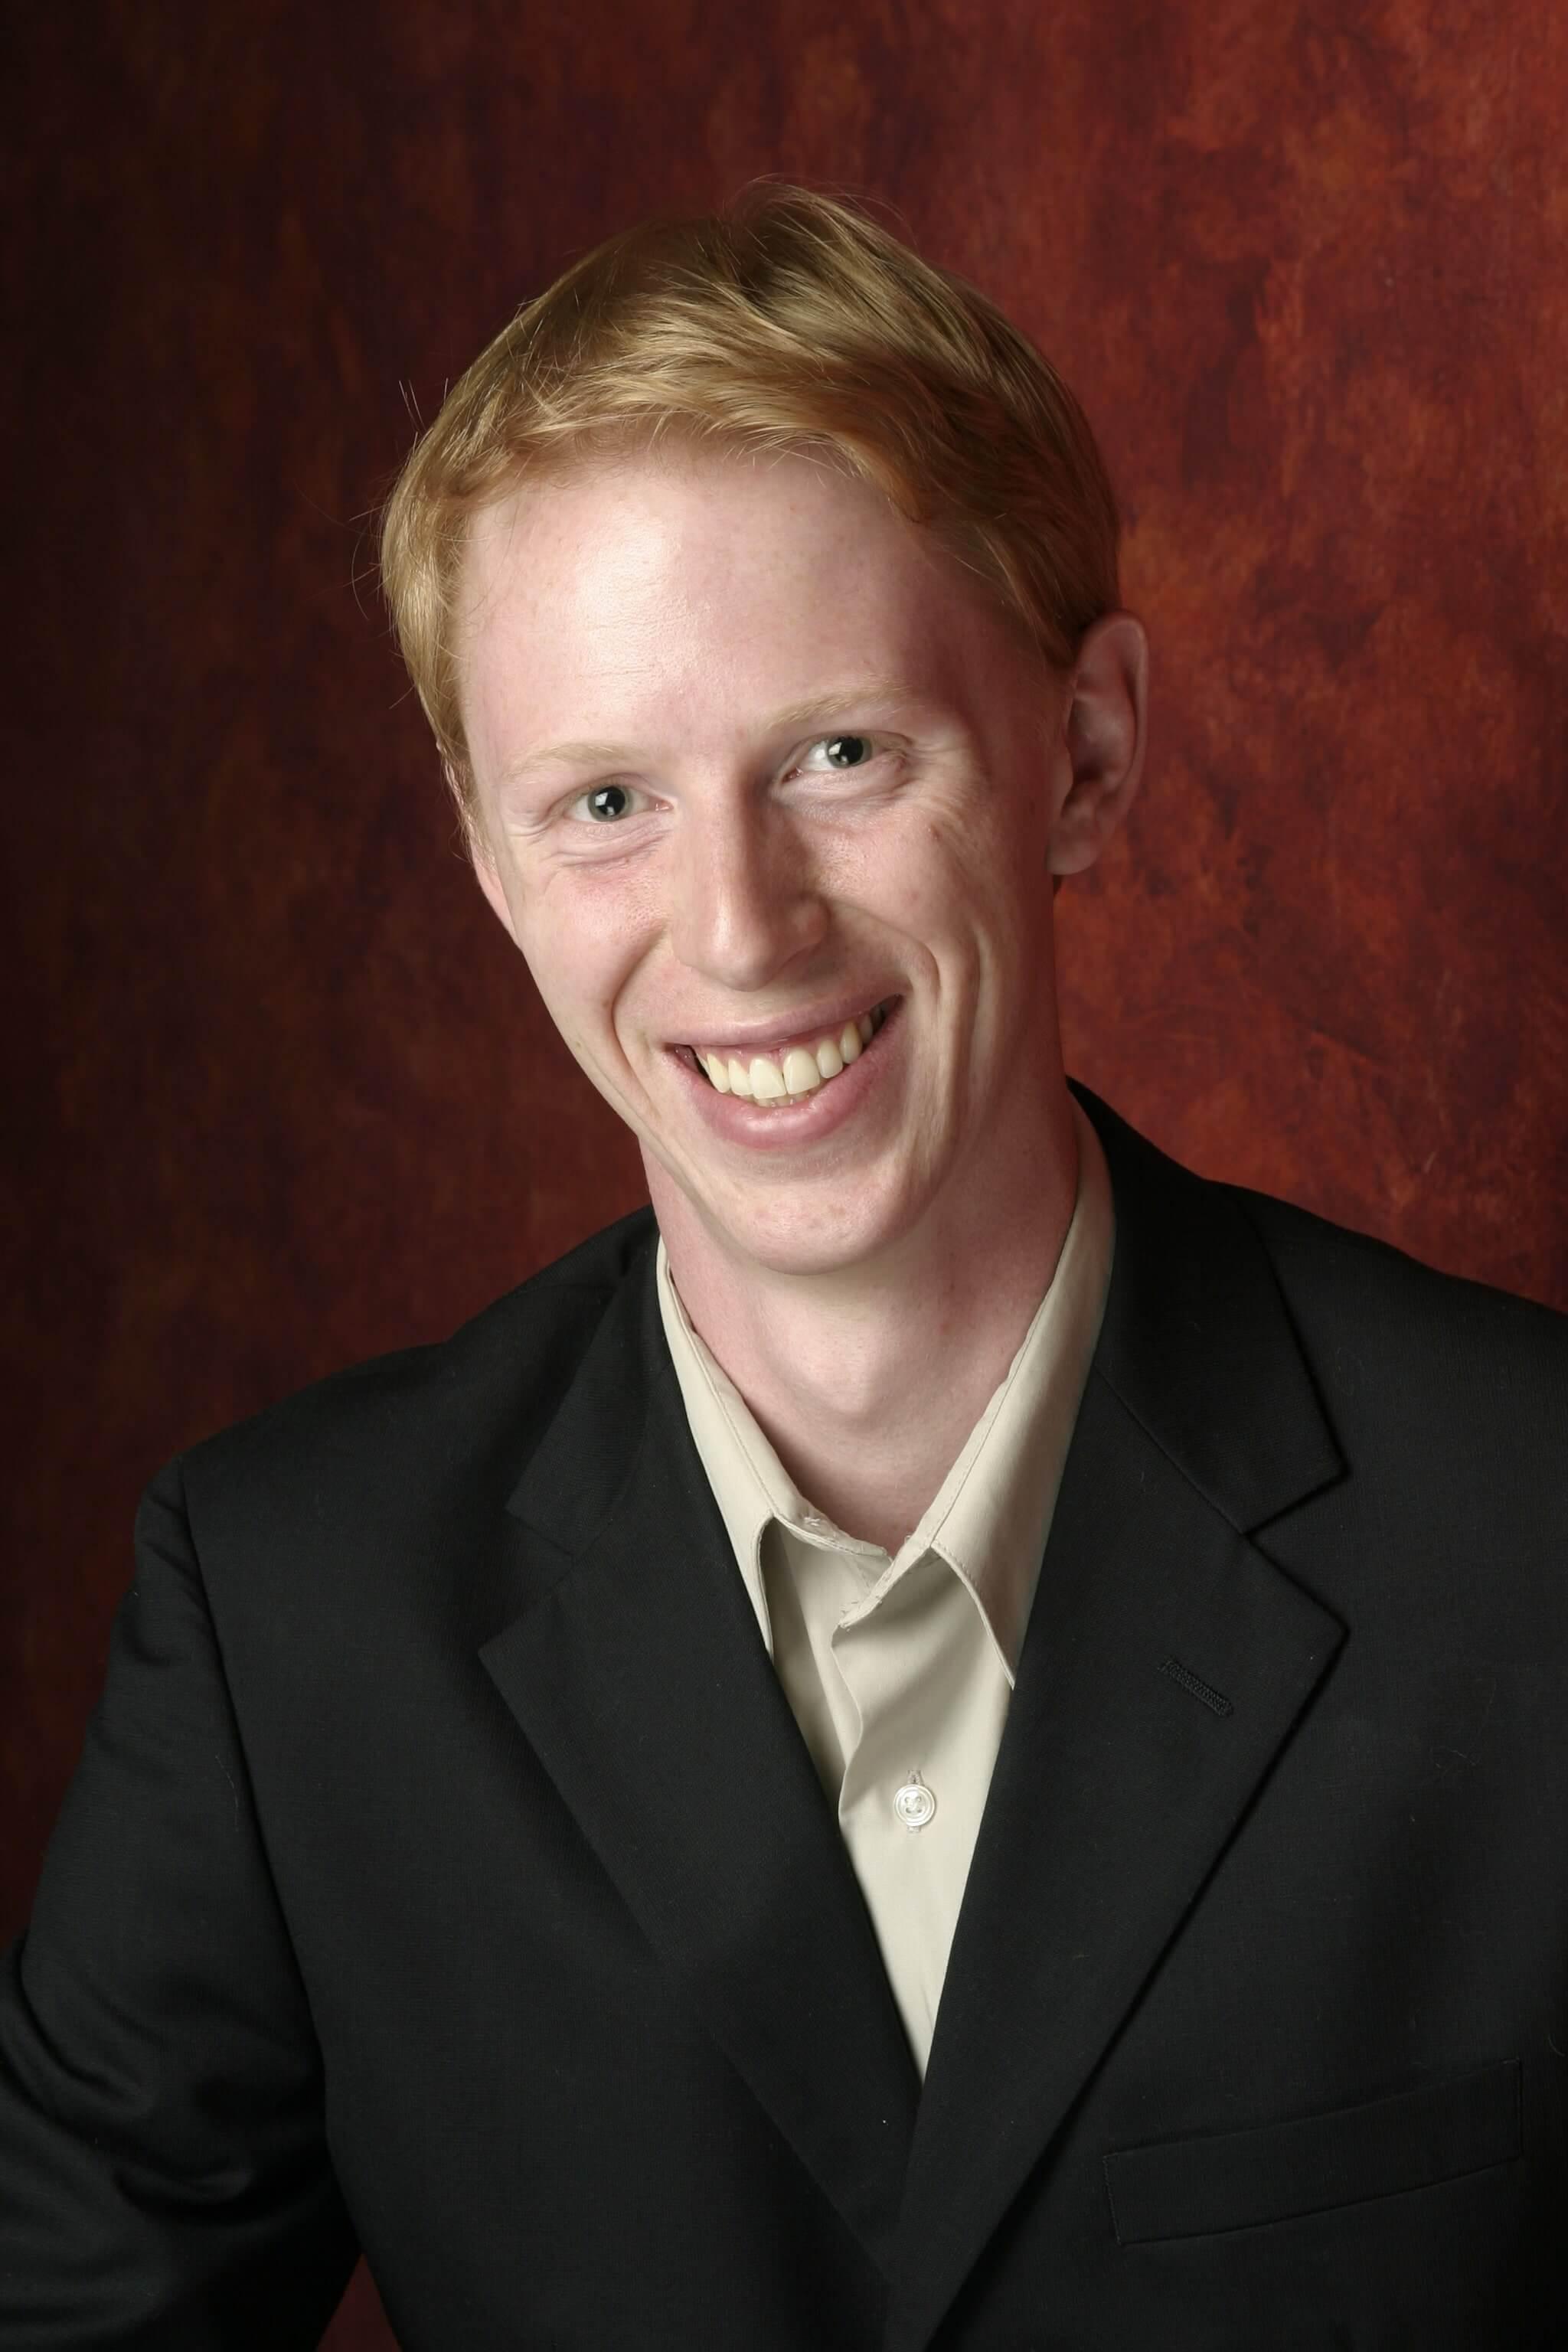 Joel Cummings